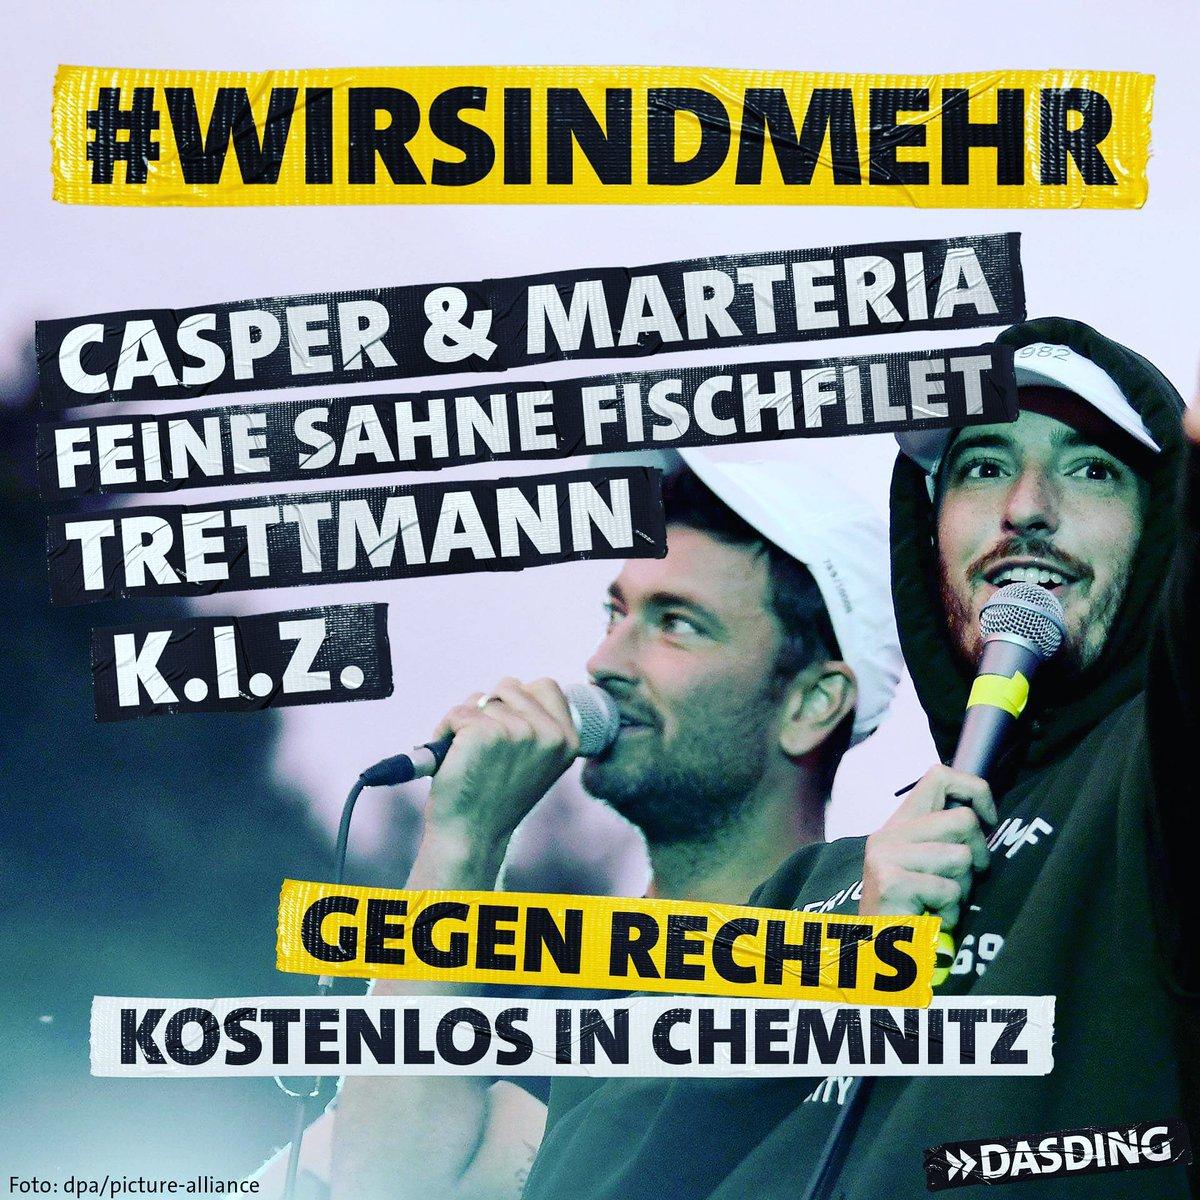 #wirsindmehr - UPDATE: Das Konzert gegen Rechts wird am Montag von diversen Radiosendern in ganz Deutschland übertragen!